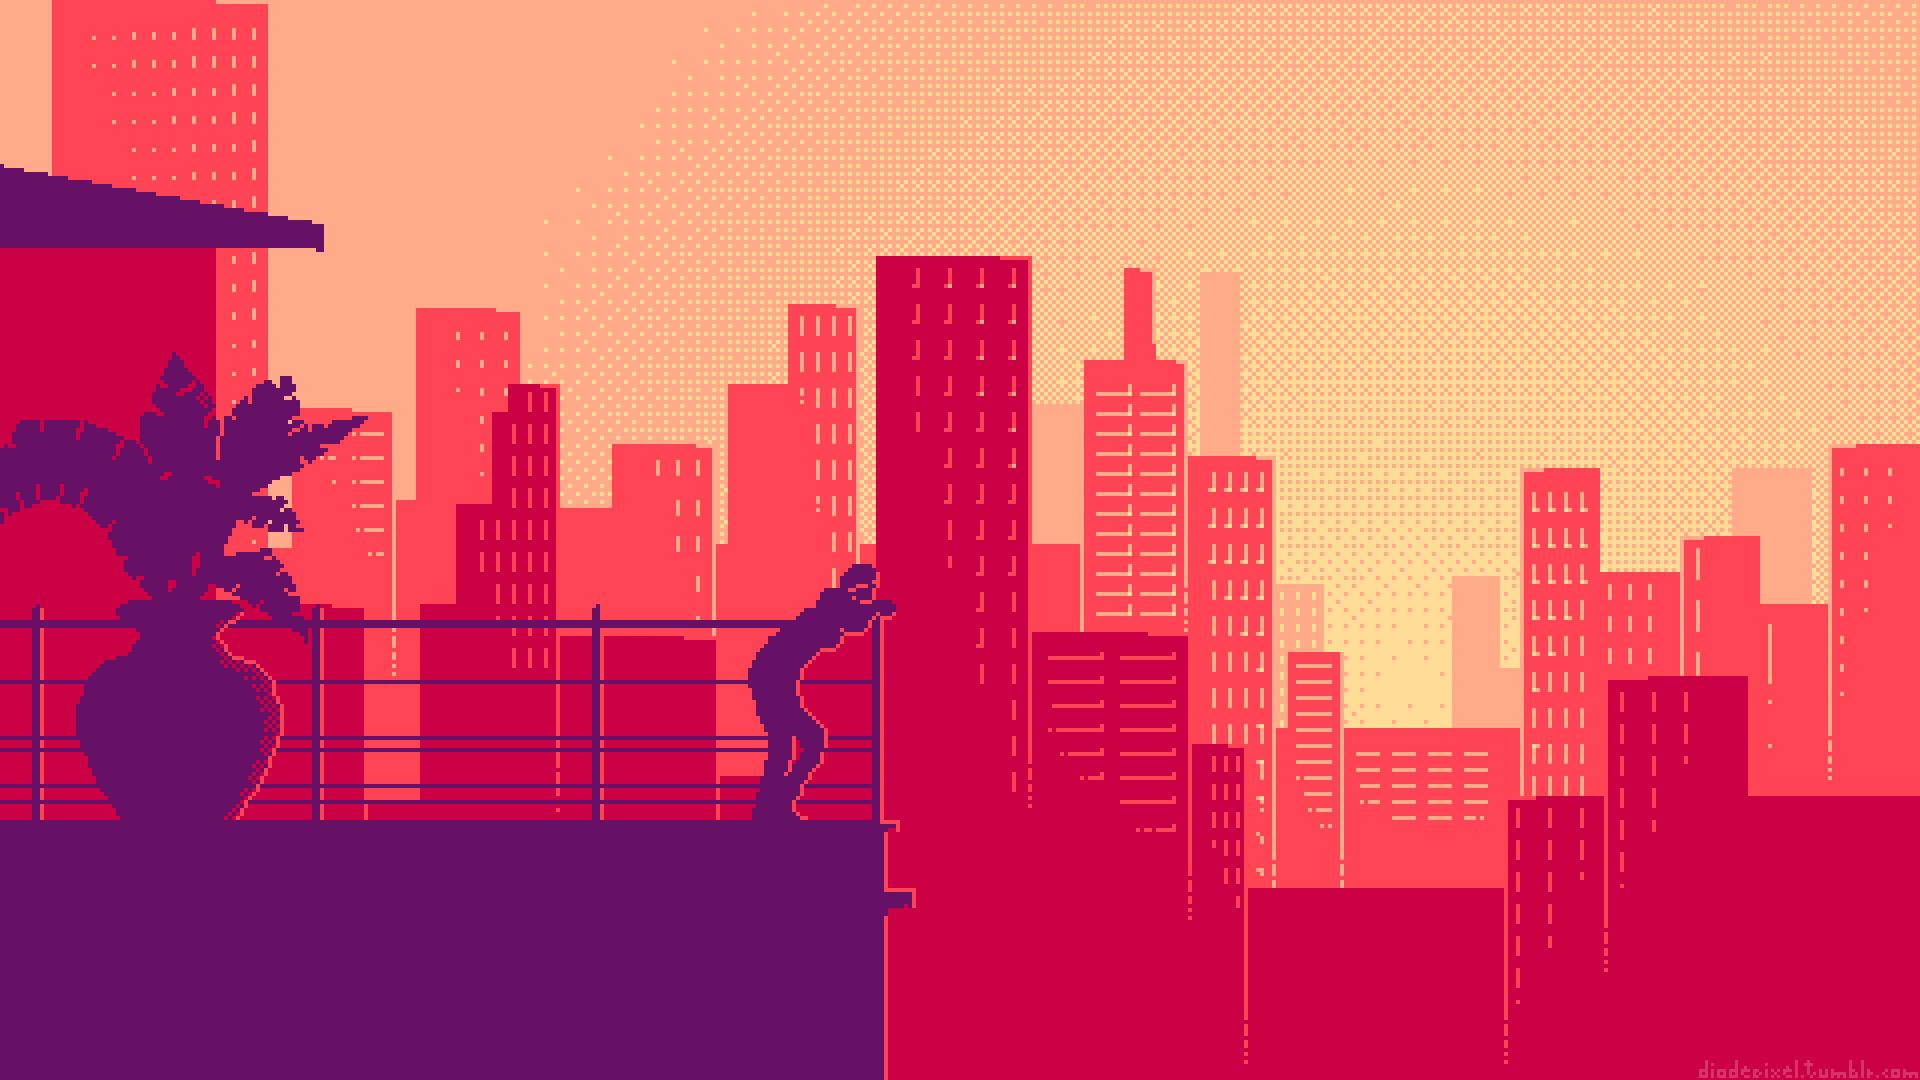 Pixel Art Wallpapers Trumpwallpapers